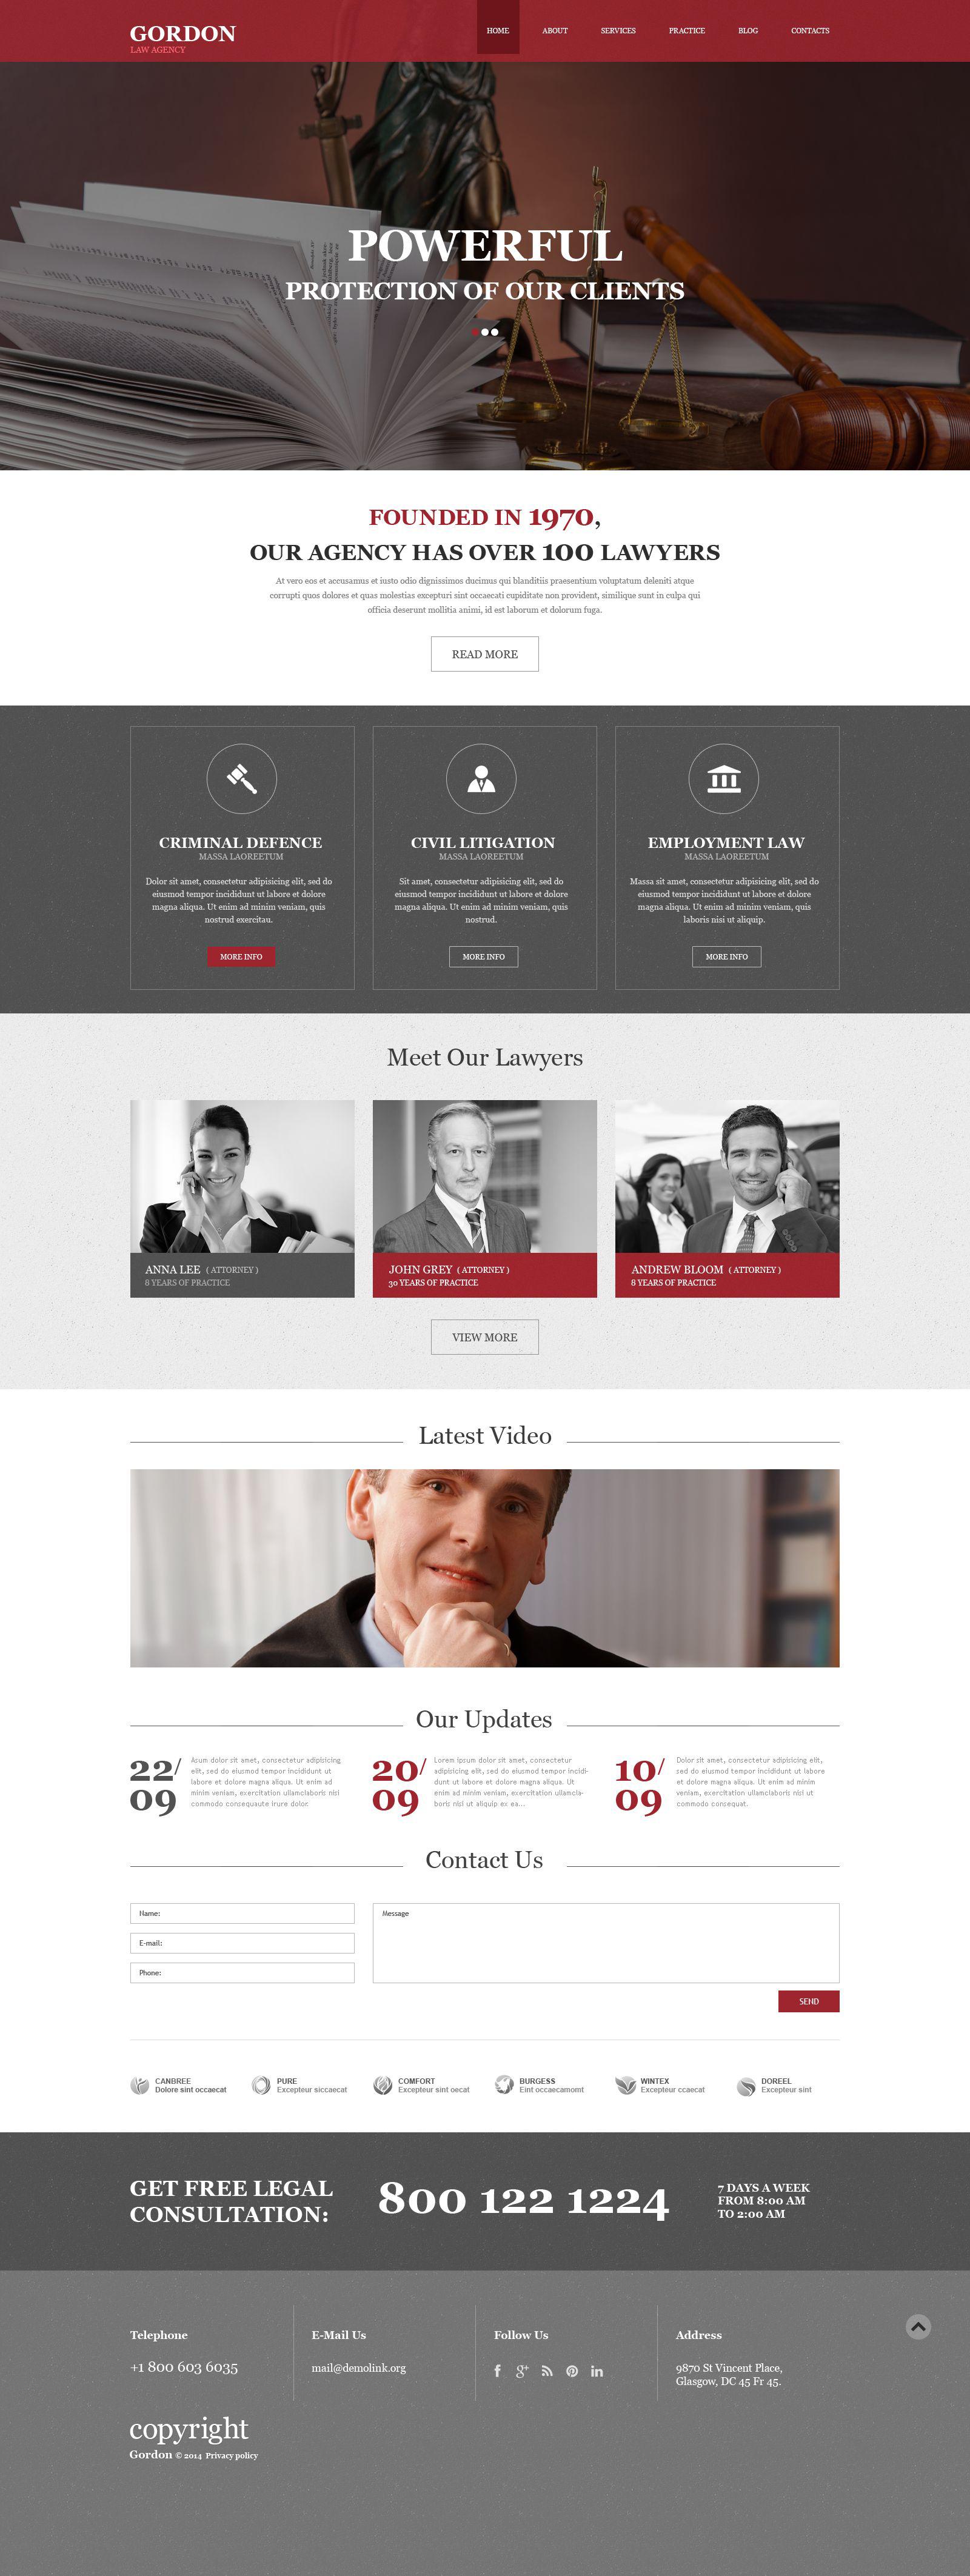 Muse-mall för advokatfirma #52048 - skärmbild